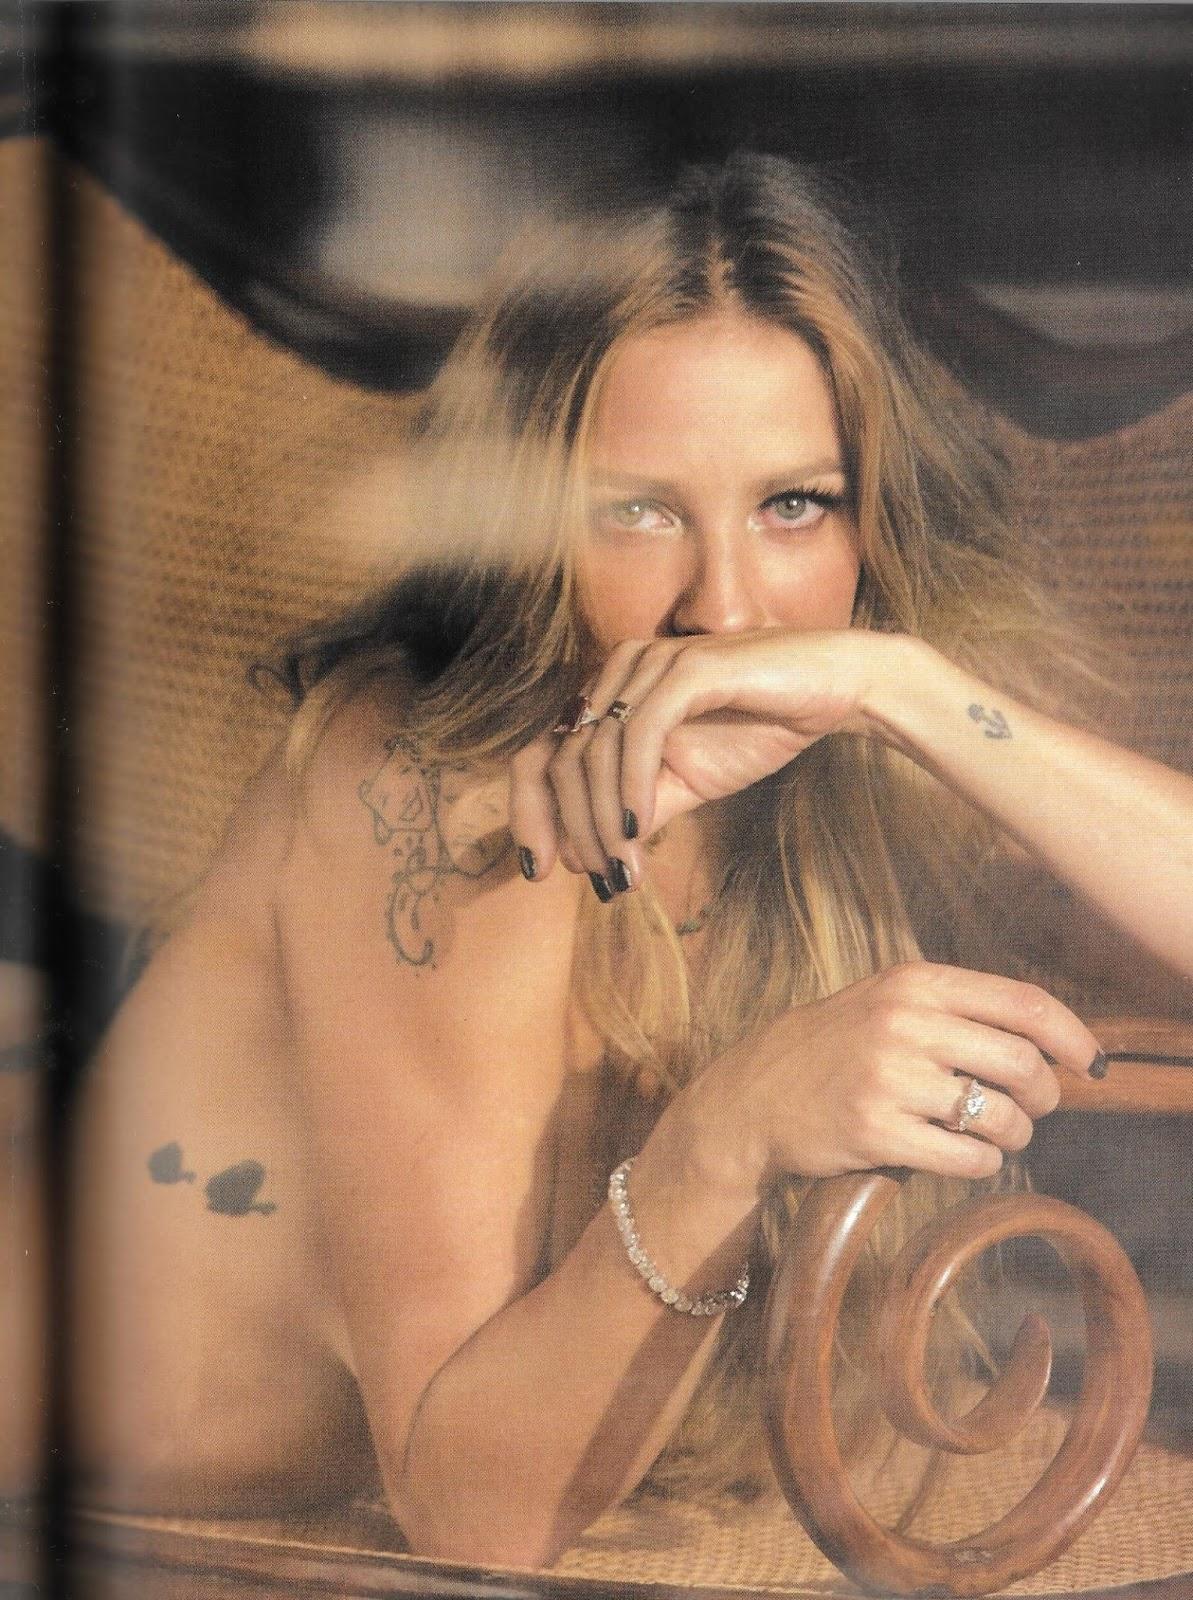 Gaby Potencia Nude revista playboy abril - luana piovani nua - famosas brasil